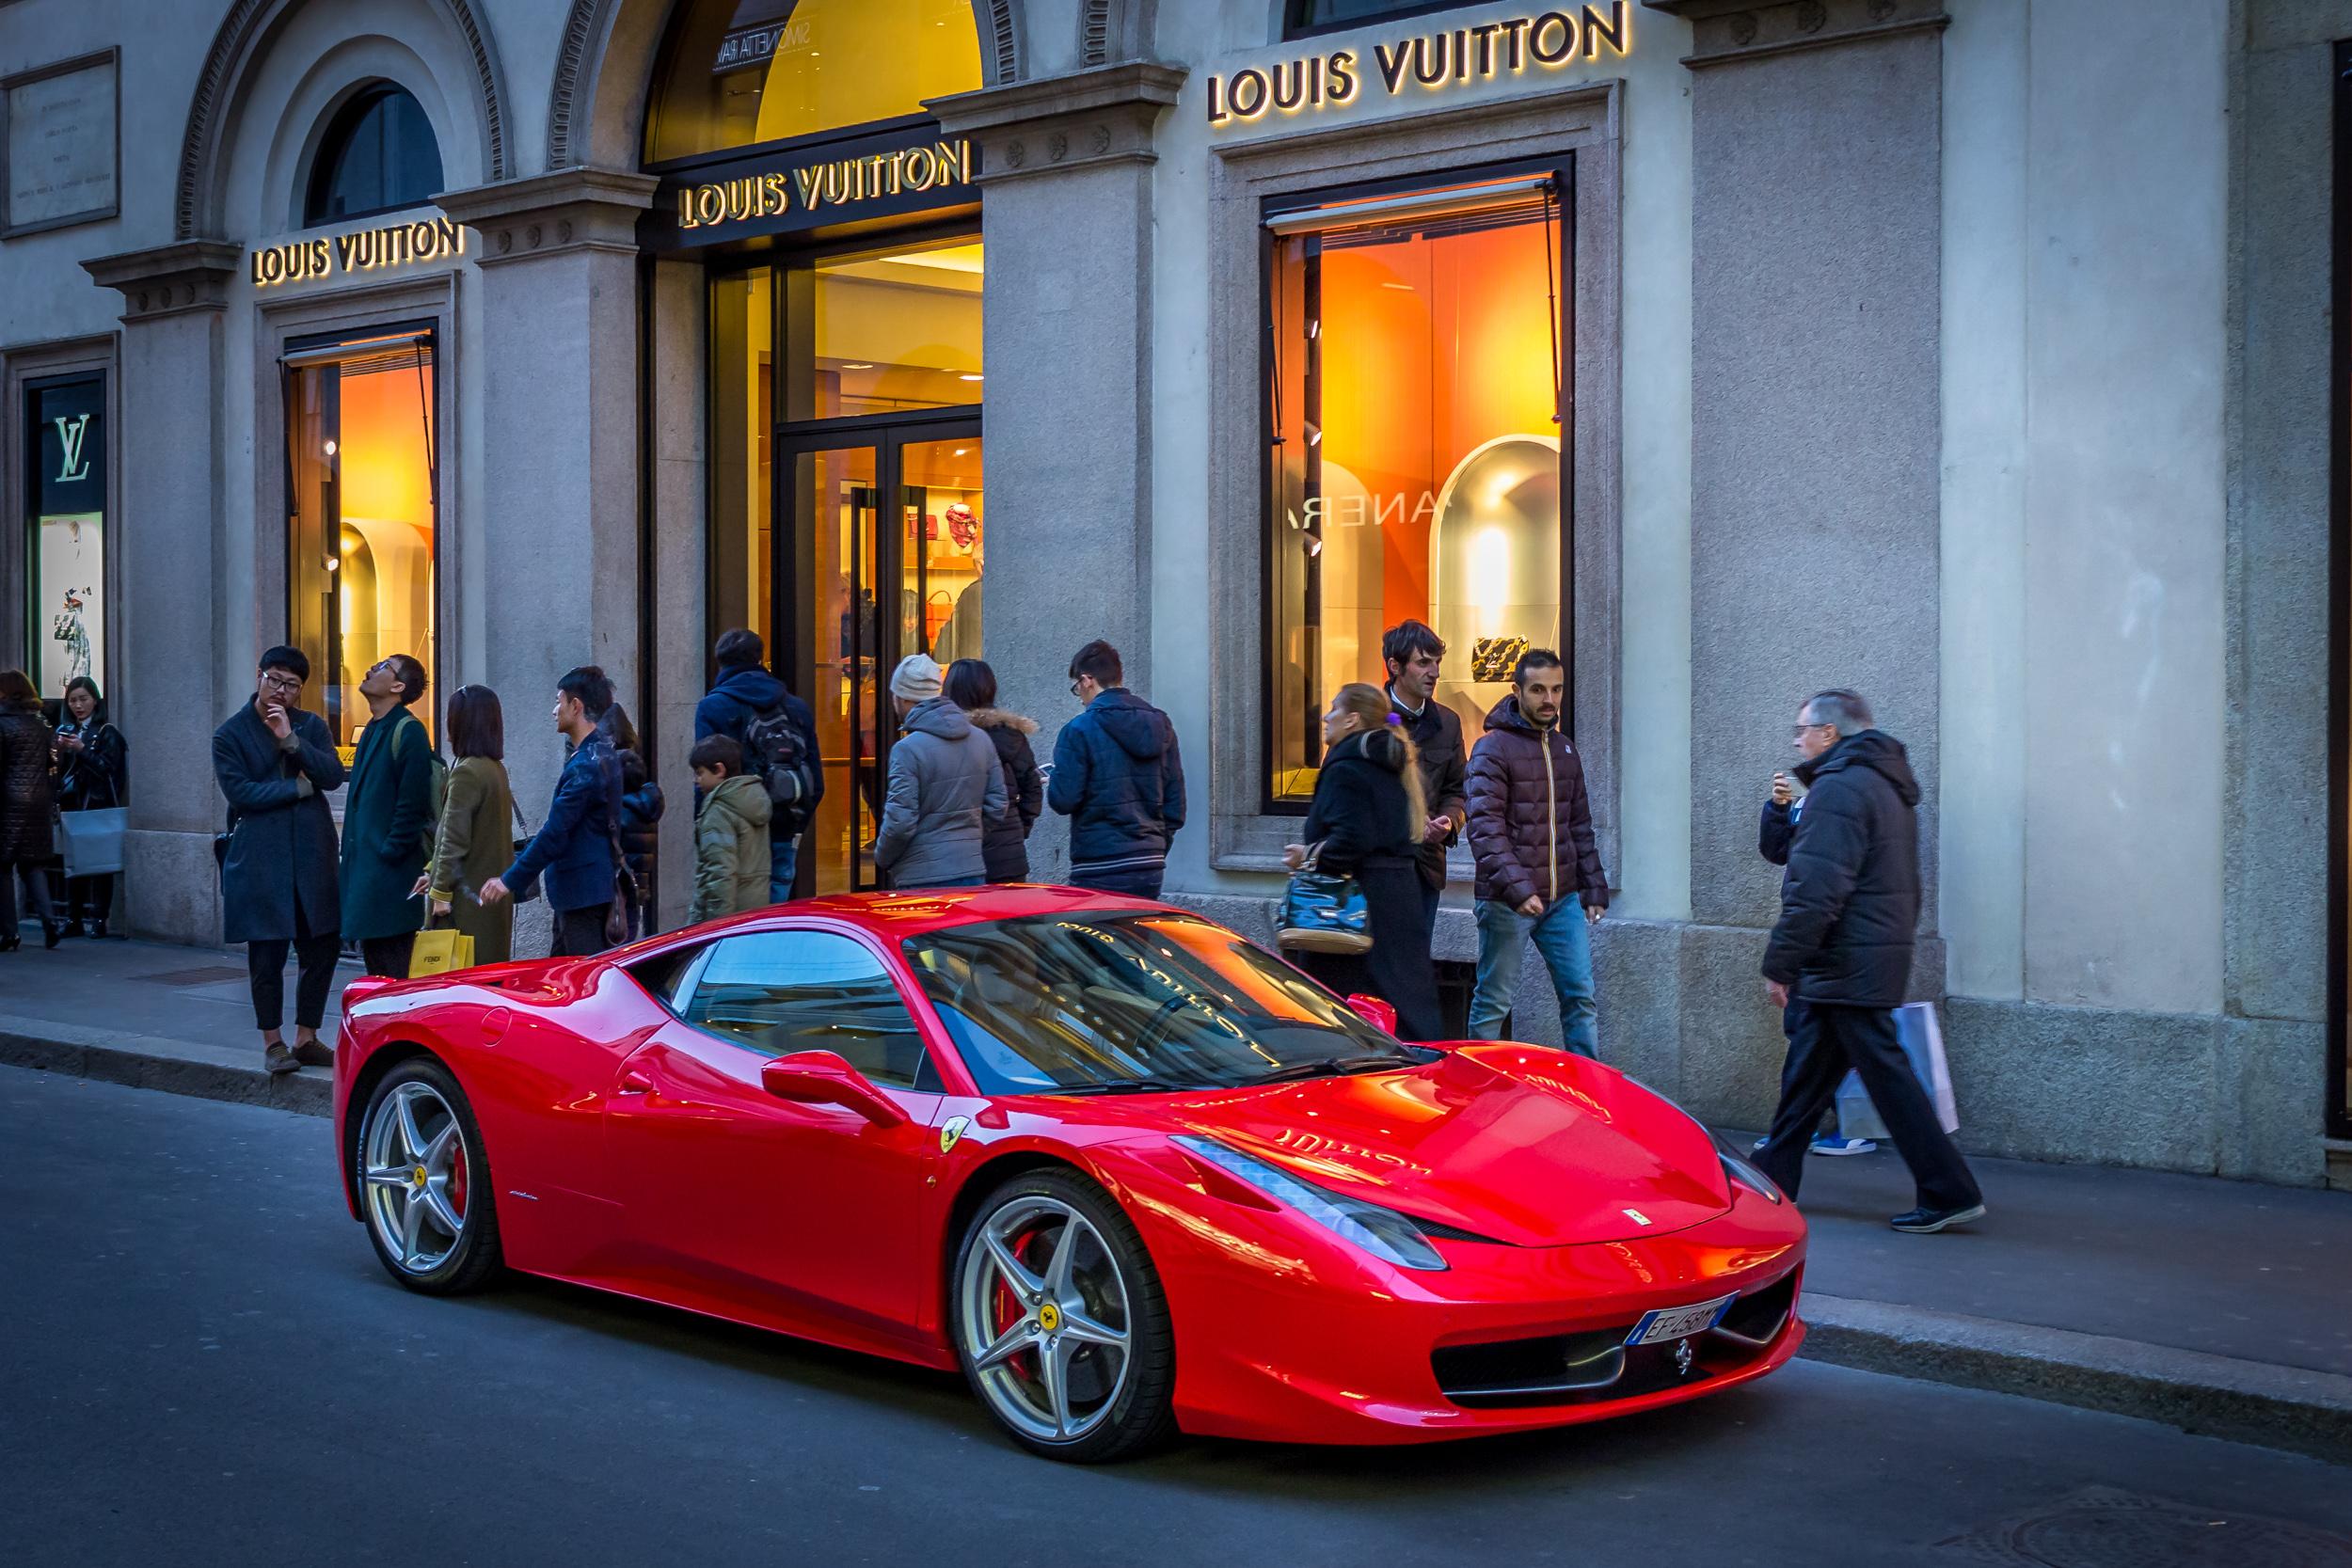 A red Ferrari in front of Louis Vuitton on Via Montenapoleone. A classic cliché combination.